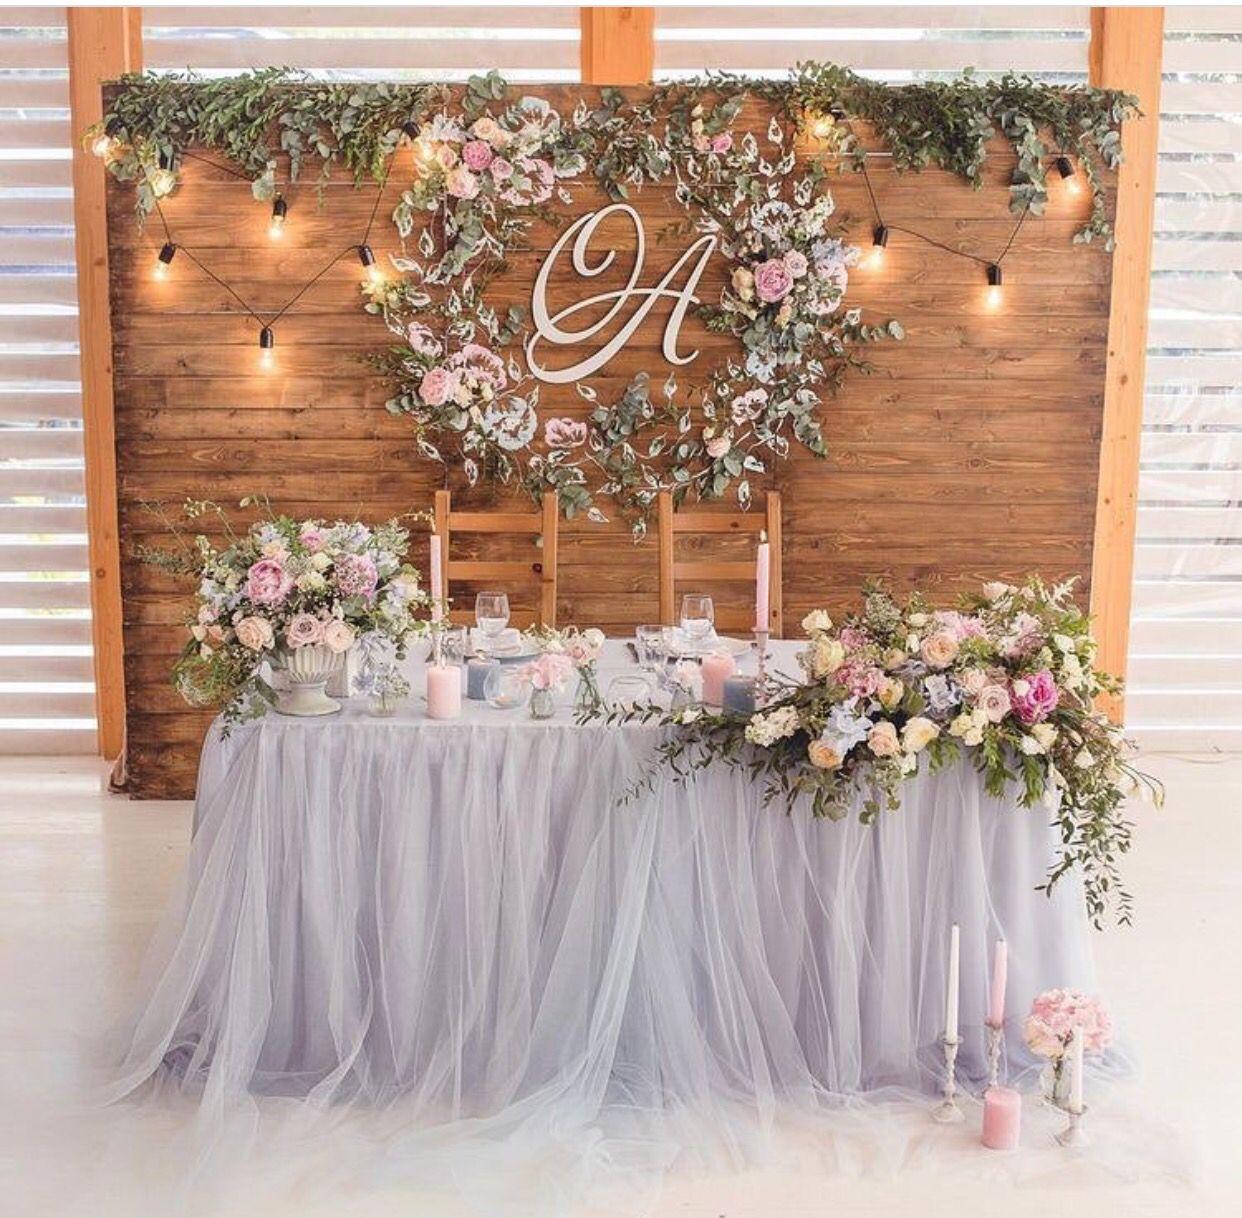 Disneyland photos disneyland paris bride groom table grooms table - Bridal Showers Grooms Tablebride Groom